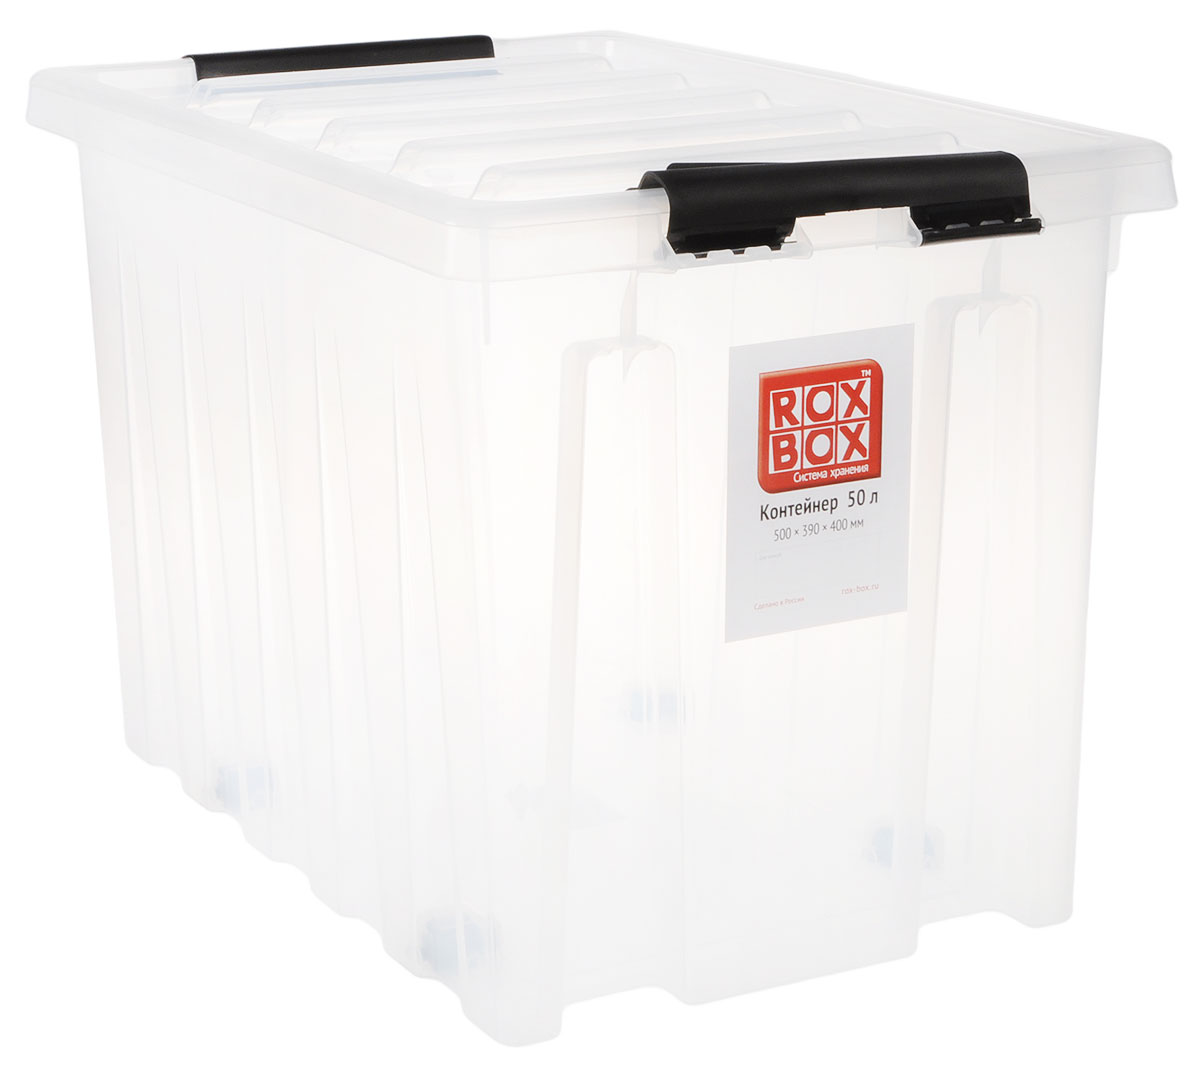 Контейнер для хранения Роксор, цвет: прозрачный, 50 л214507Контейнер Роксор выполнен из полипропилена, предназначен для хранения пищевых продуктов, инструментов, швейных принадлежностей, бумаг и многого другого. Универсальный контейнер для хранения с крышкой оснащен роликами и оригинальными ручками-фиксаторами, которые надежно и плотно удерживают крышку в закрытом положении. Толстые стенки и ребра жесткости придают ящикам особую прочность, уменьшая риск повреждения как самого ящика, так и его содержимого.